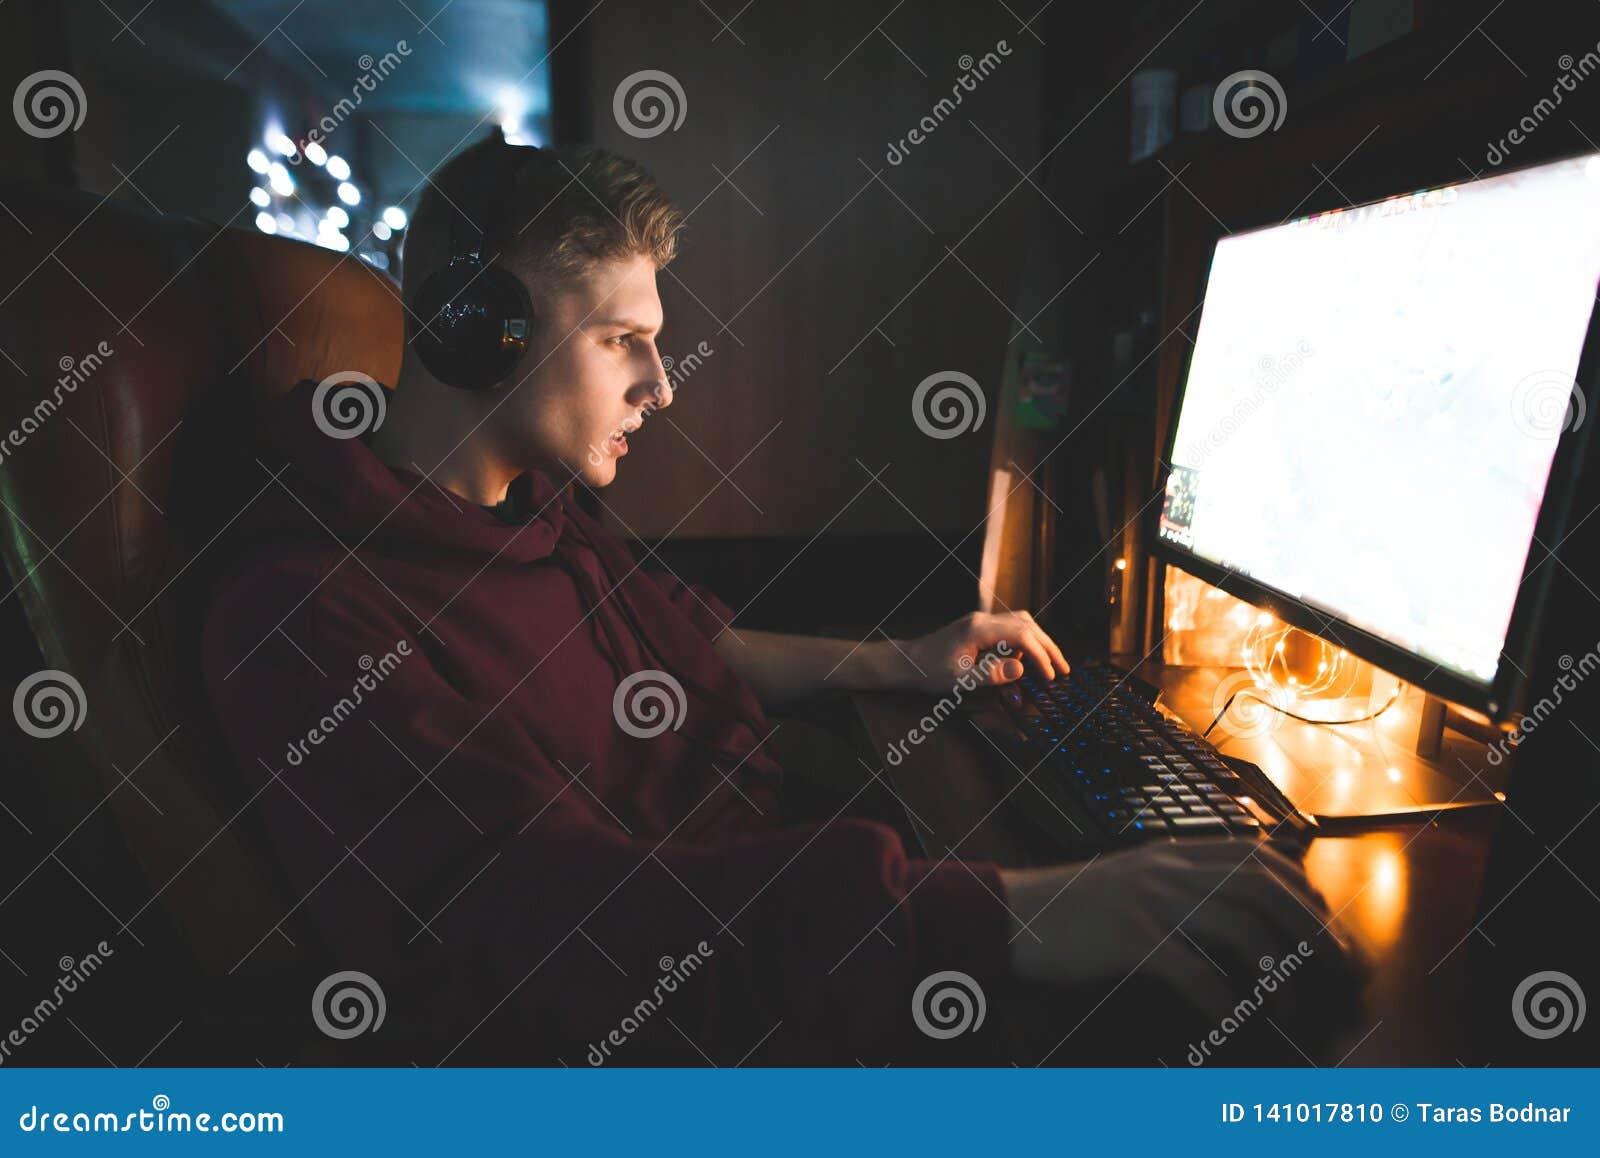 Attraktiver starker junger Mann sitzt Haus in einem gemütlichen Raum und Arbeiten auf einem Computer